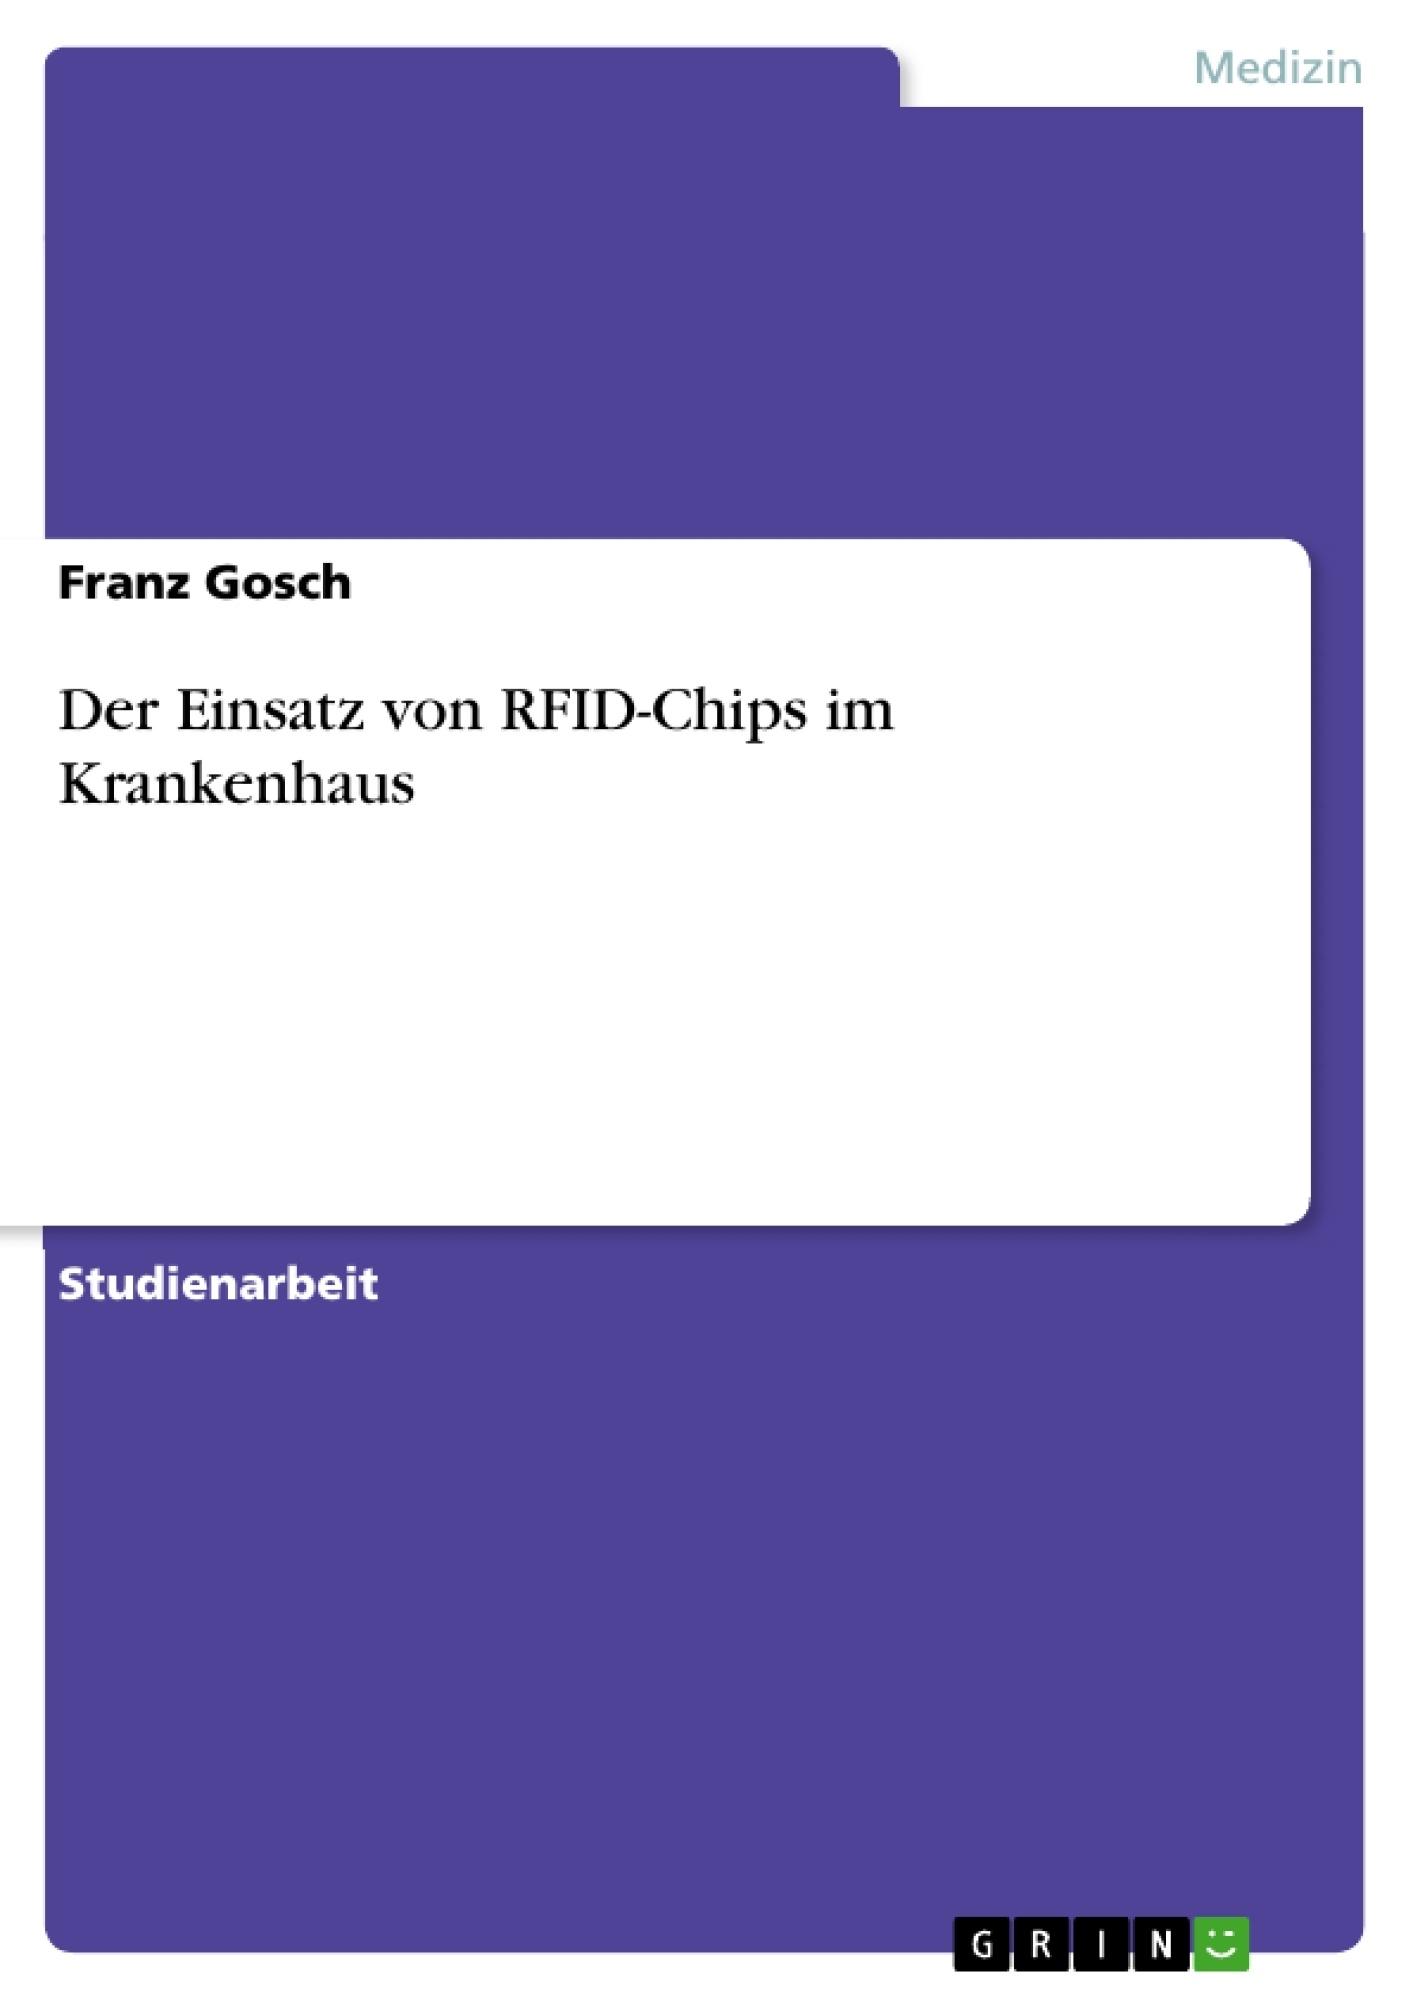 Titel: Der Einsatz von RFID-Chips im Krankenhaus